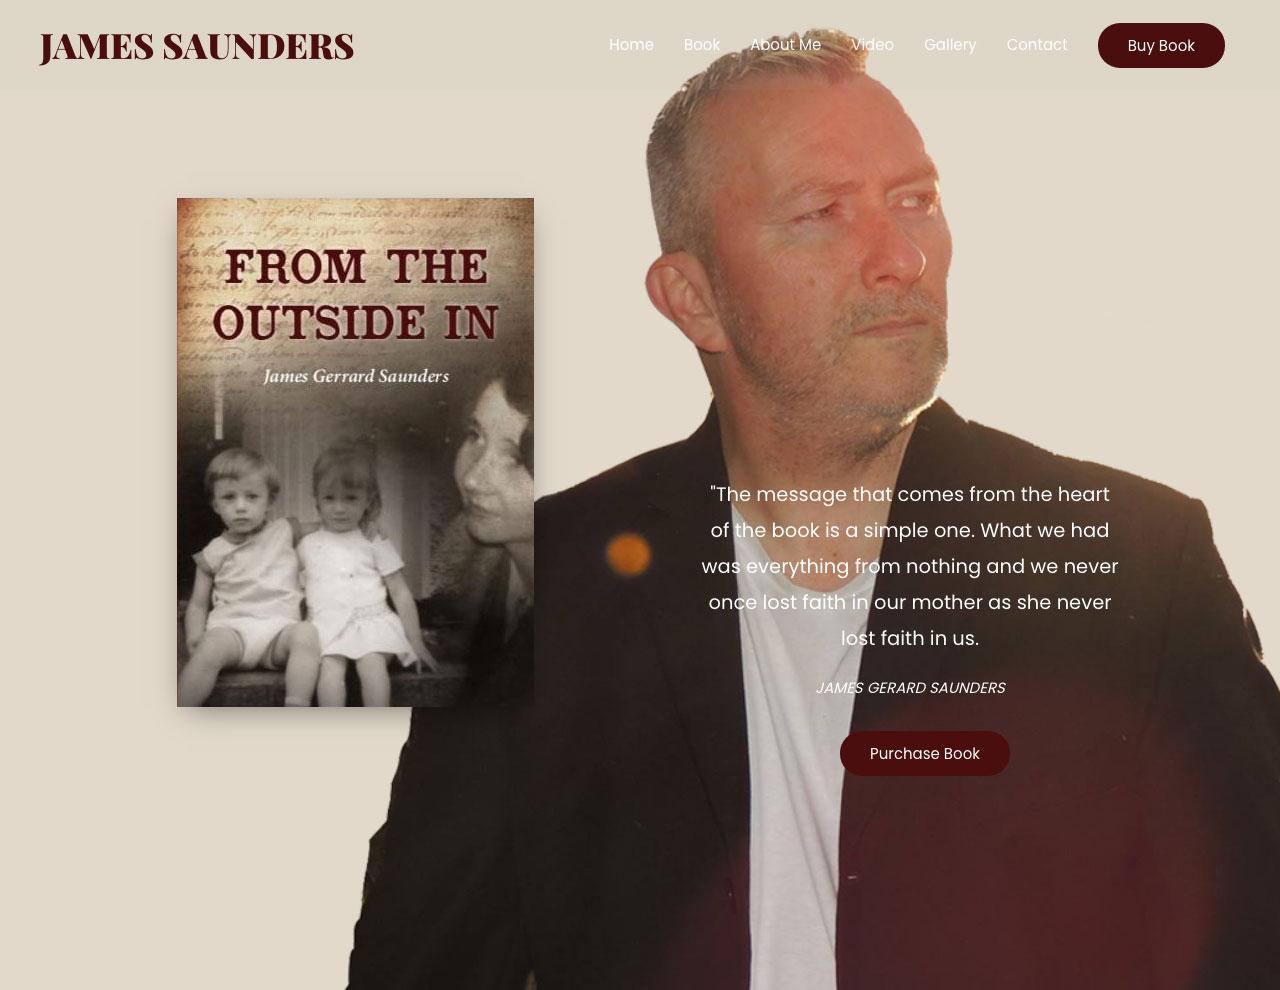 james-saunders-knygos-pardavimo-svetainė